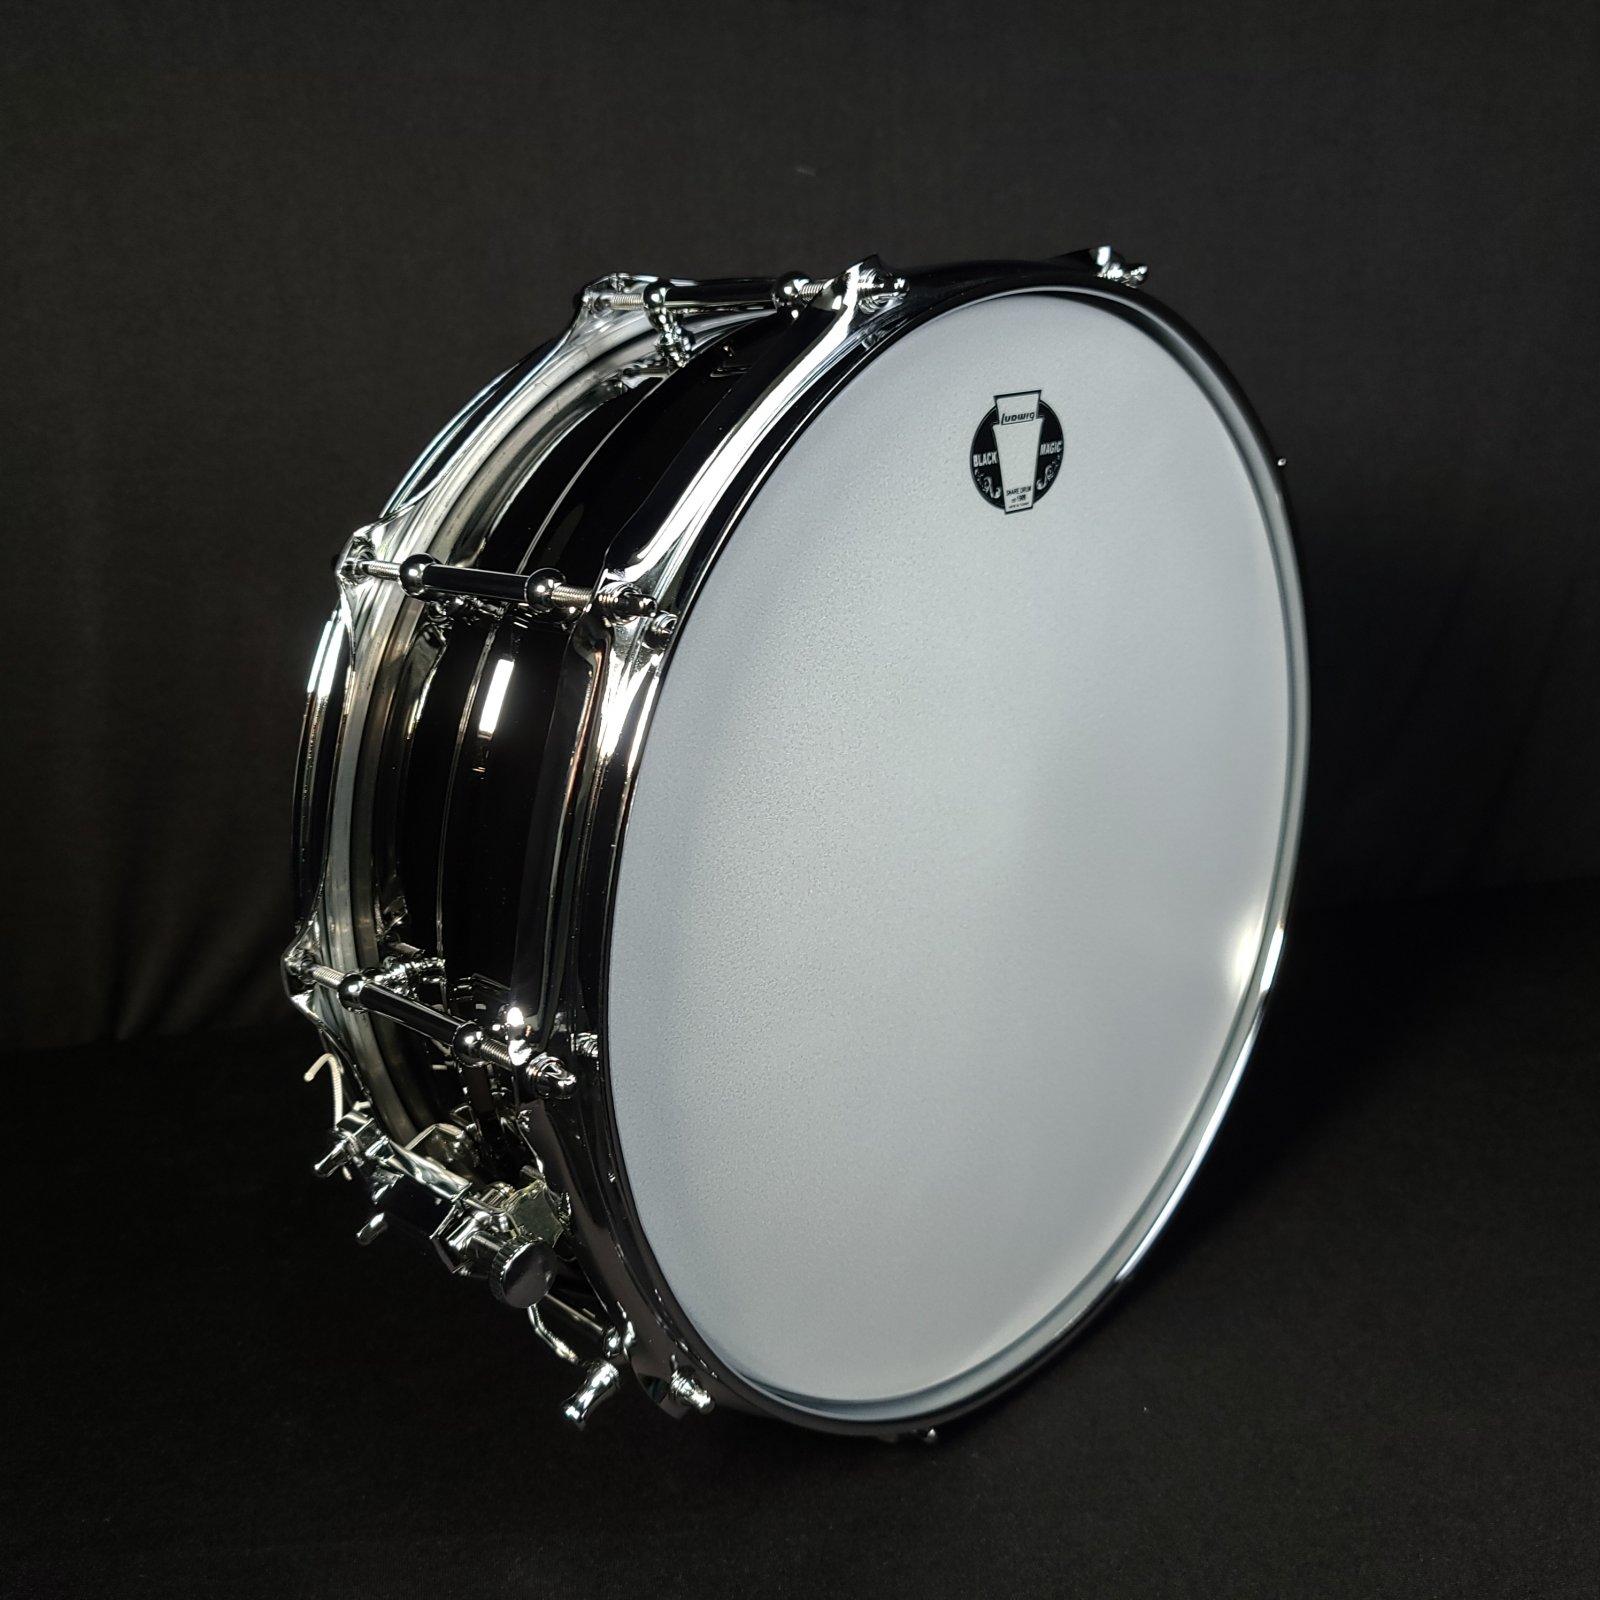 LUDWIG LW-5514C 5x14 Black Magic Snare Drum